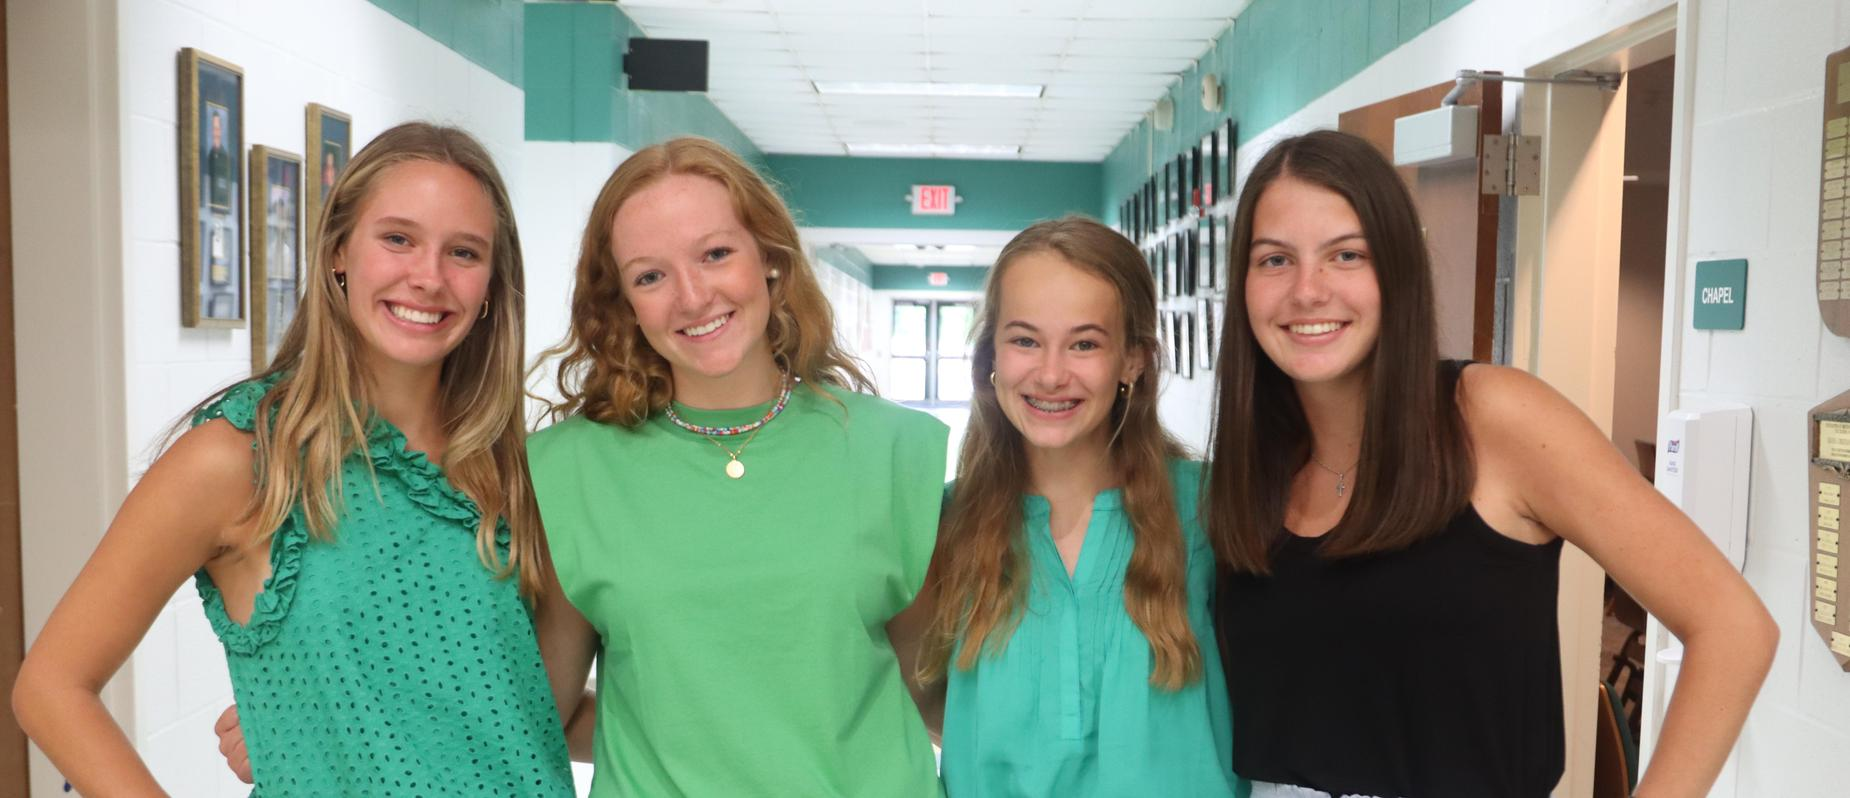 Ella, Hannah, Kate, and Katie